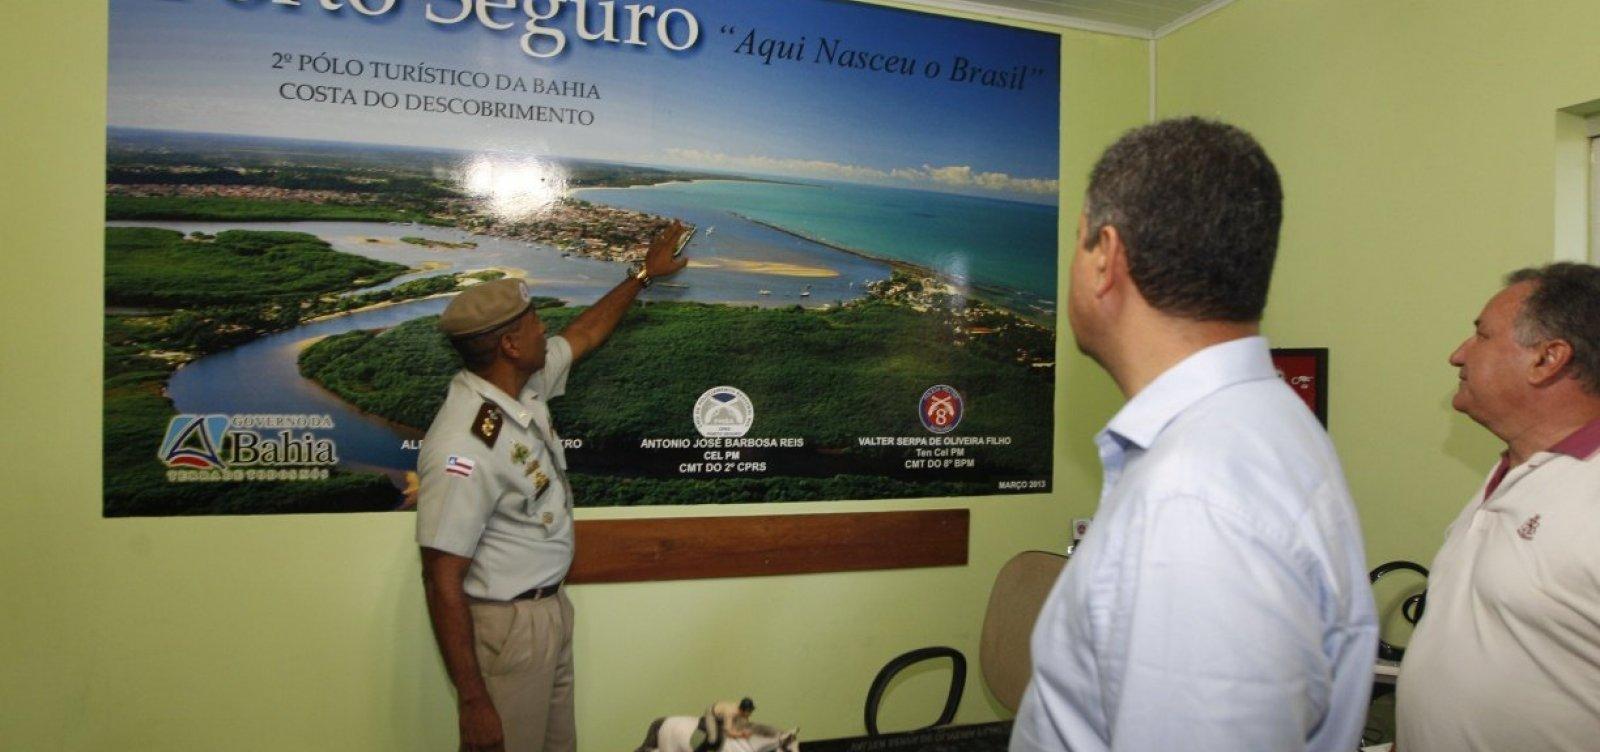 Porto Seguro e Itaberaba estão juntas há 111 dias sem homicídios, diz SSP